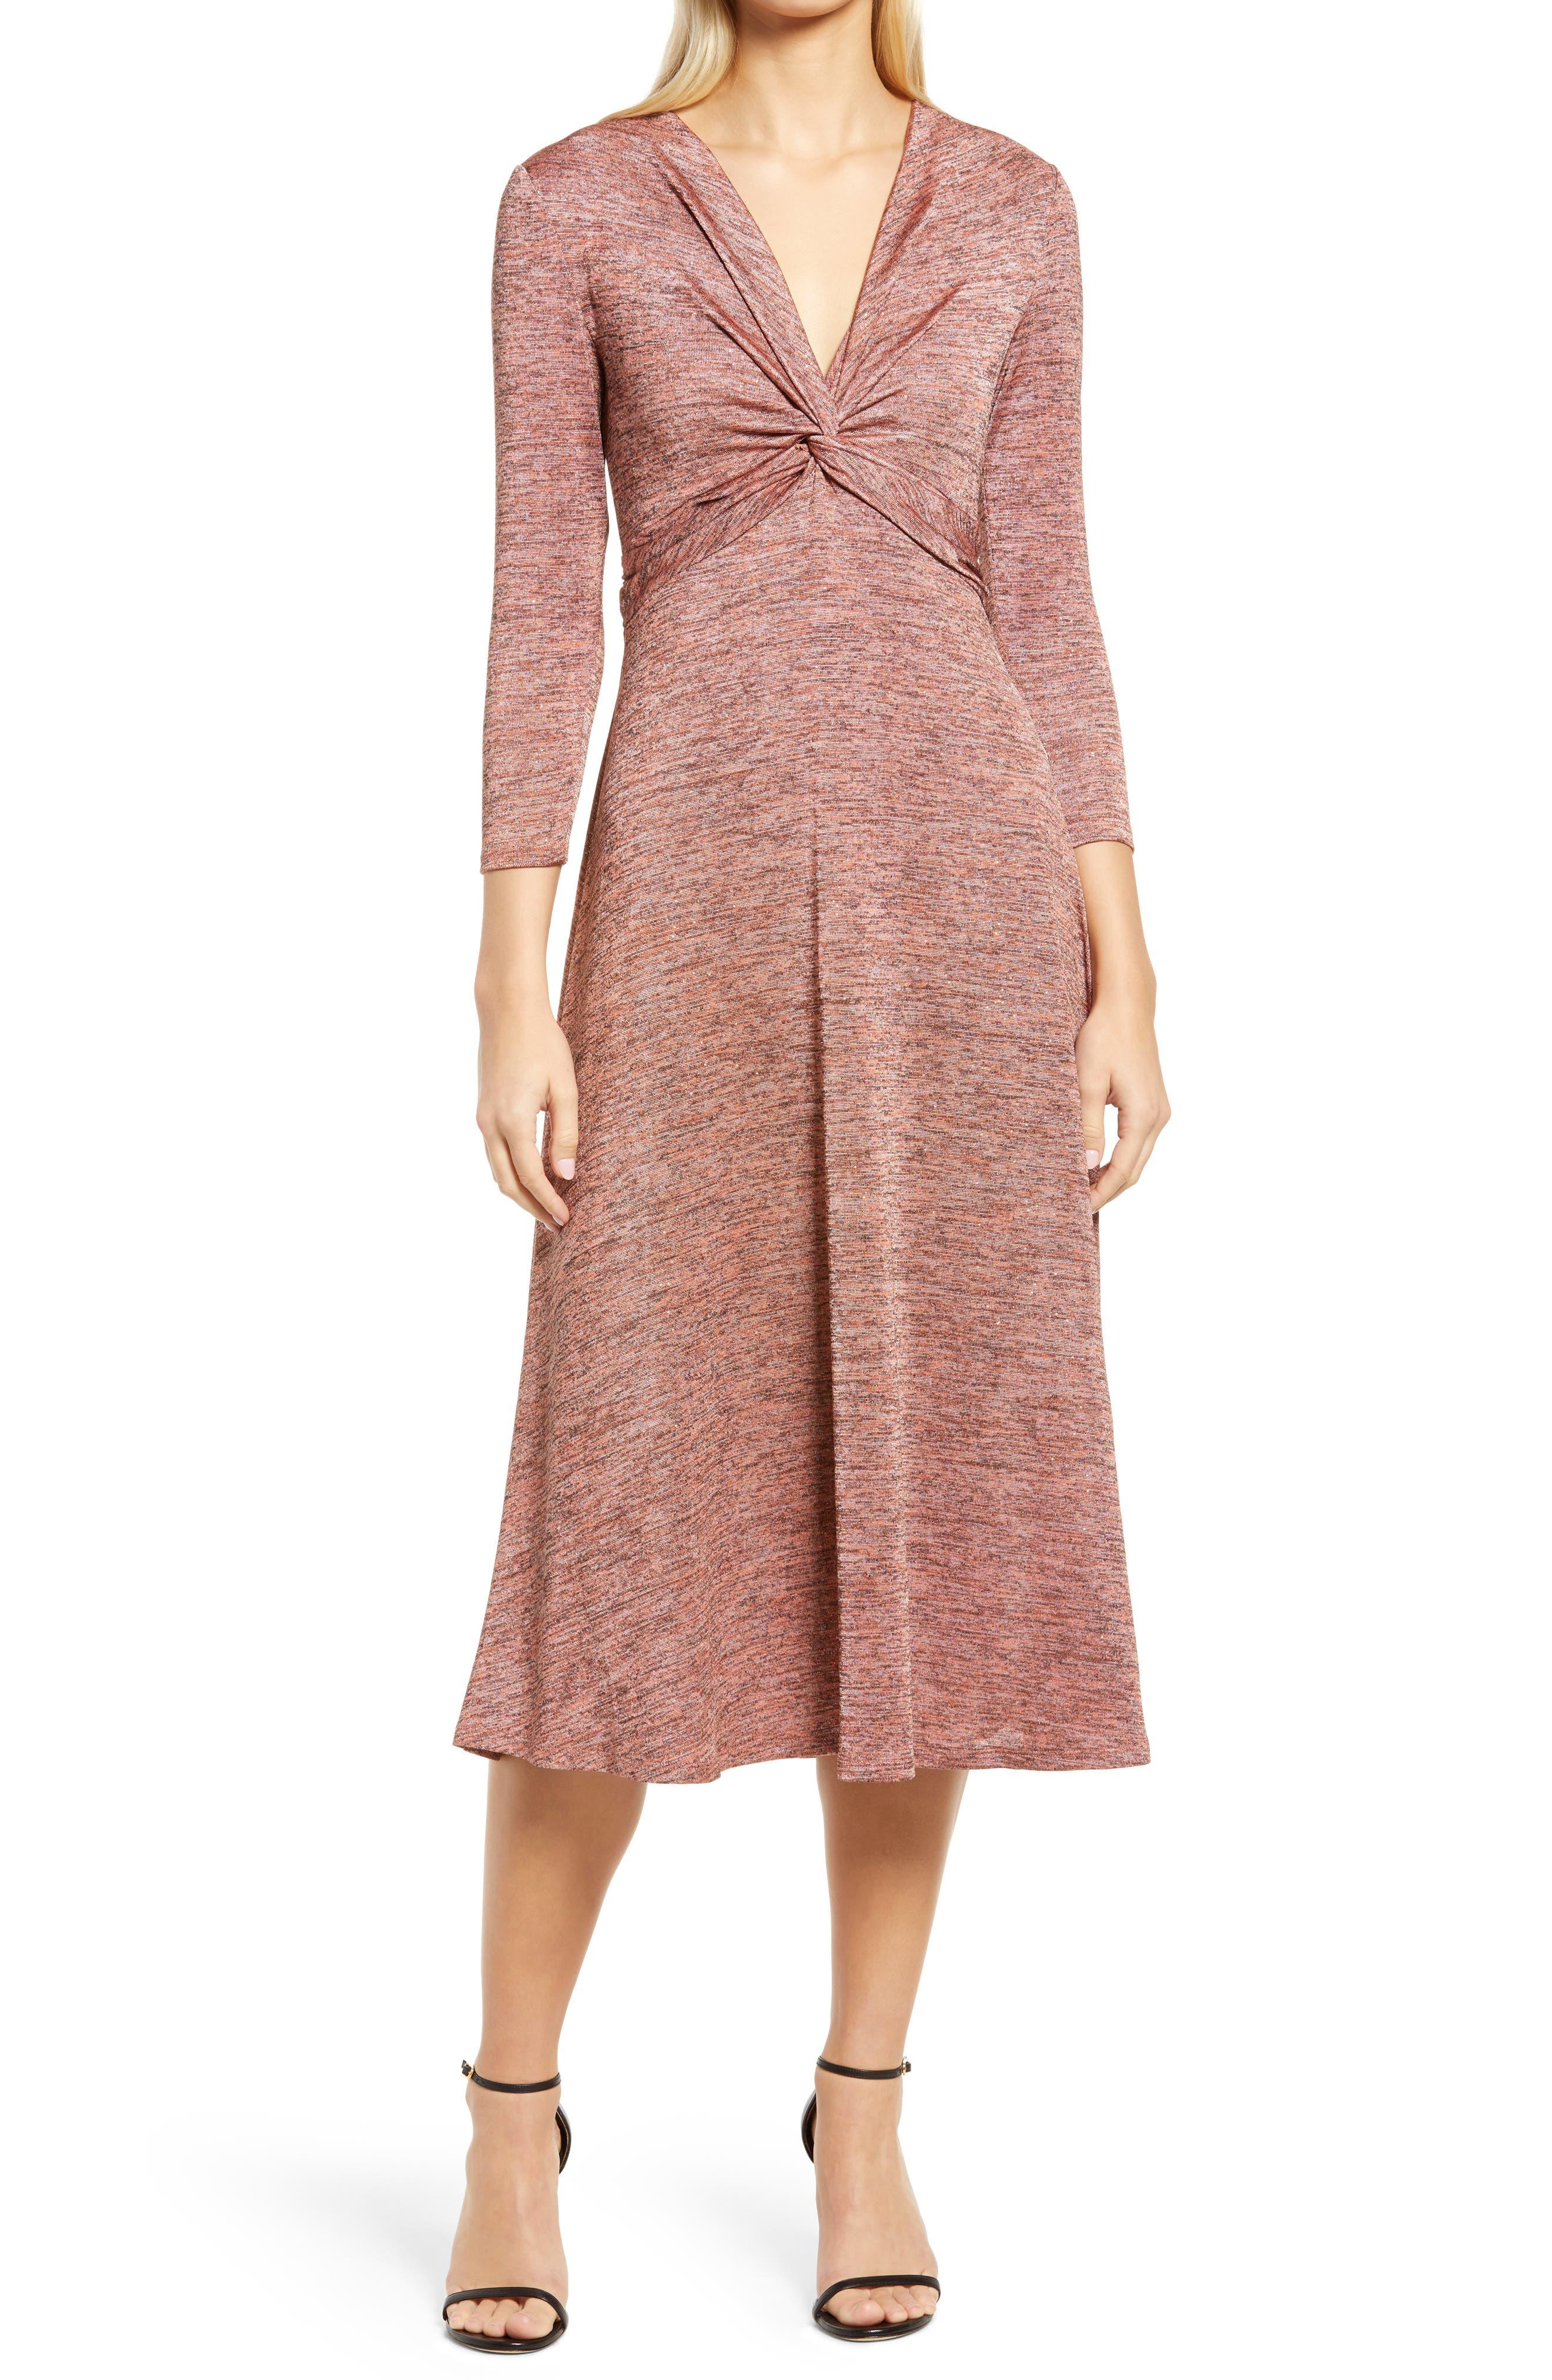 Knot Front Space Dye Knit Midi Dress